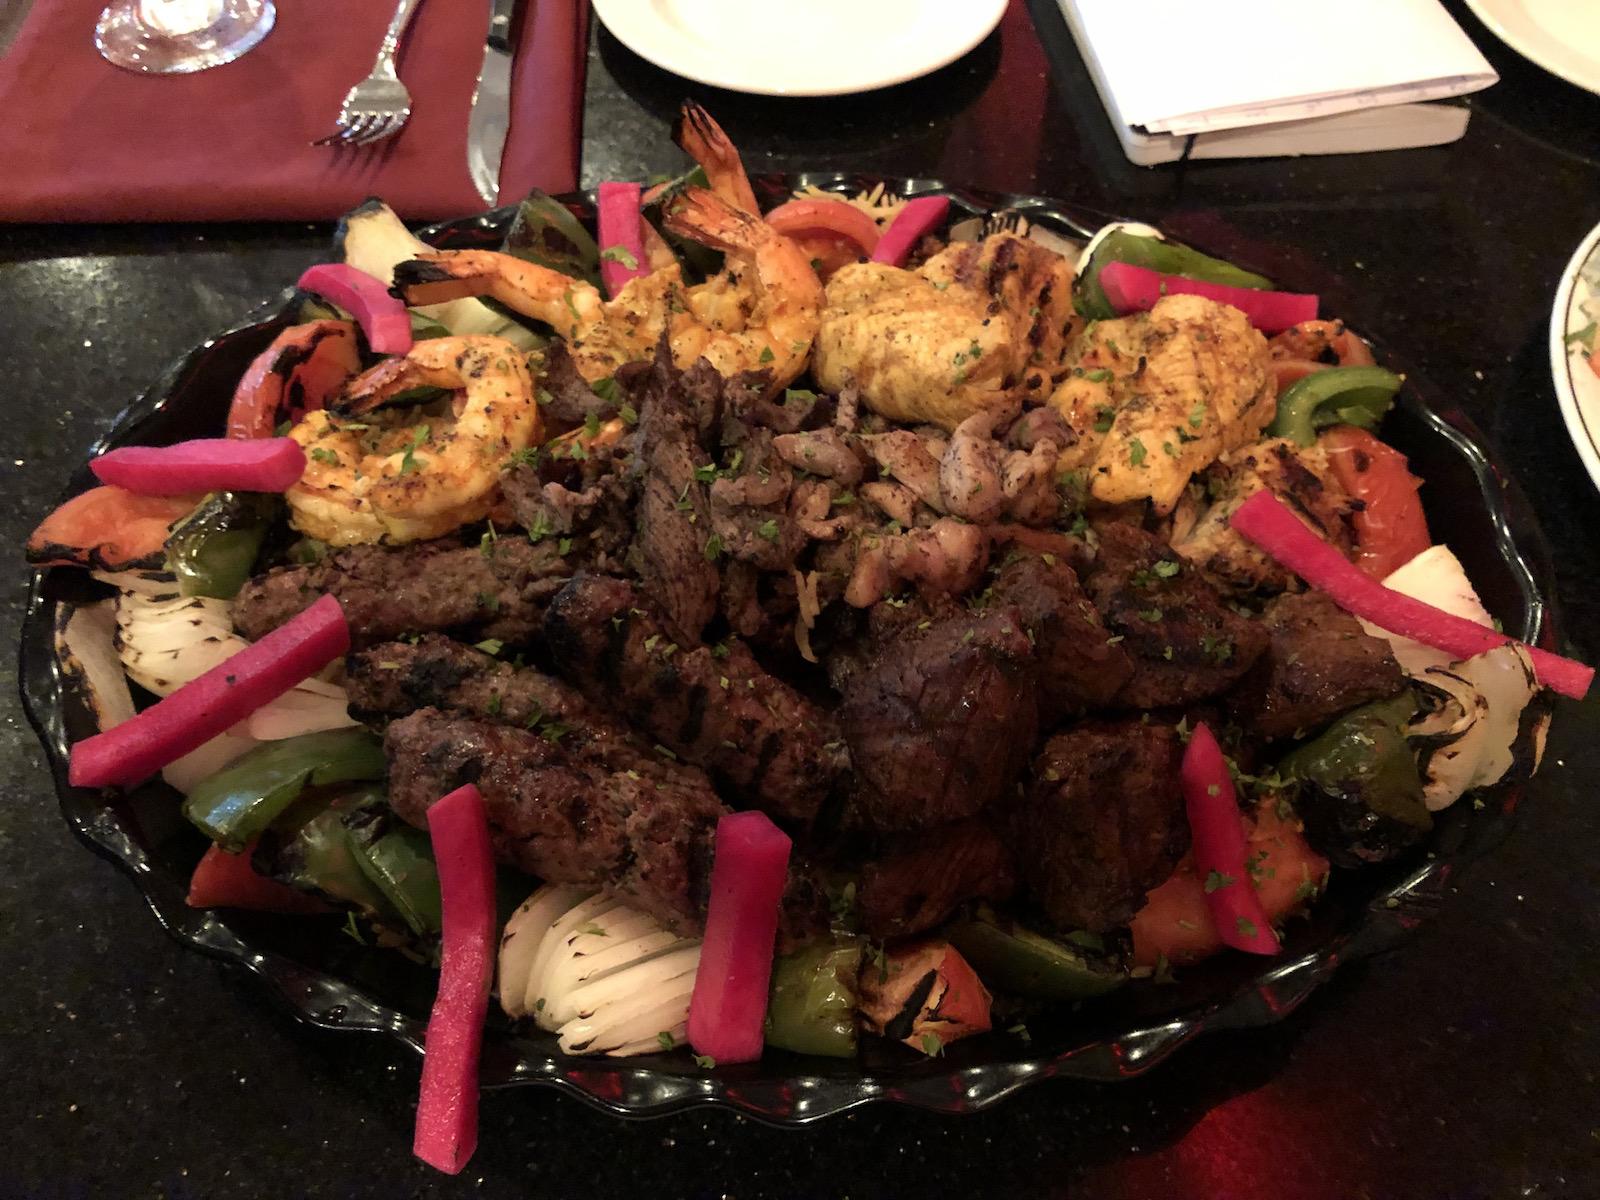 Casablanca meat platter